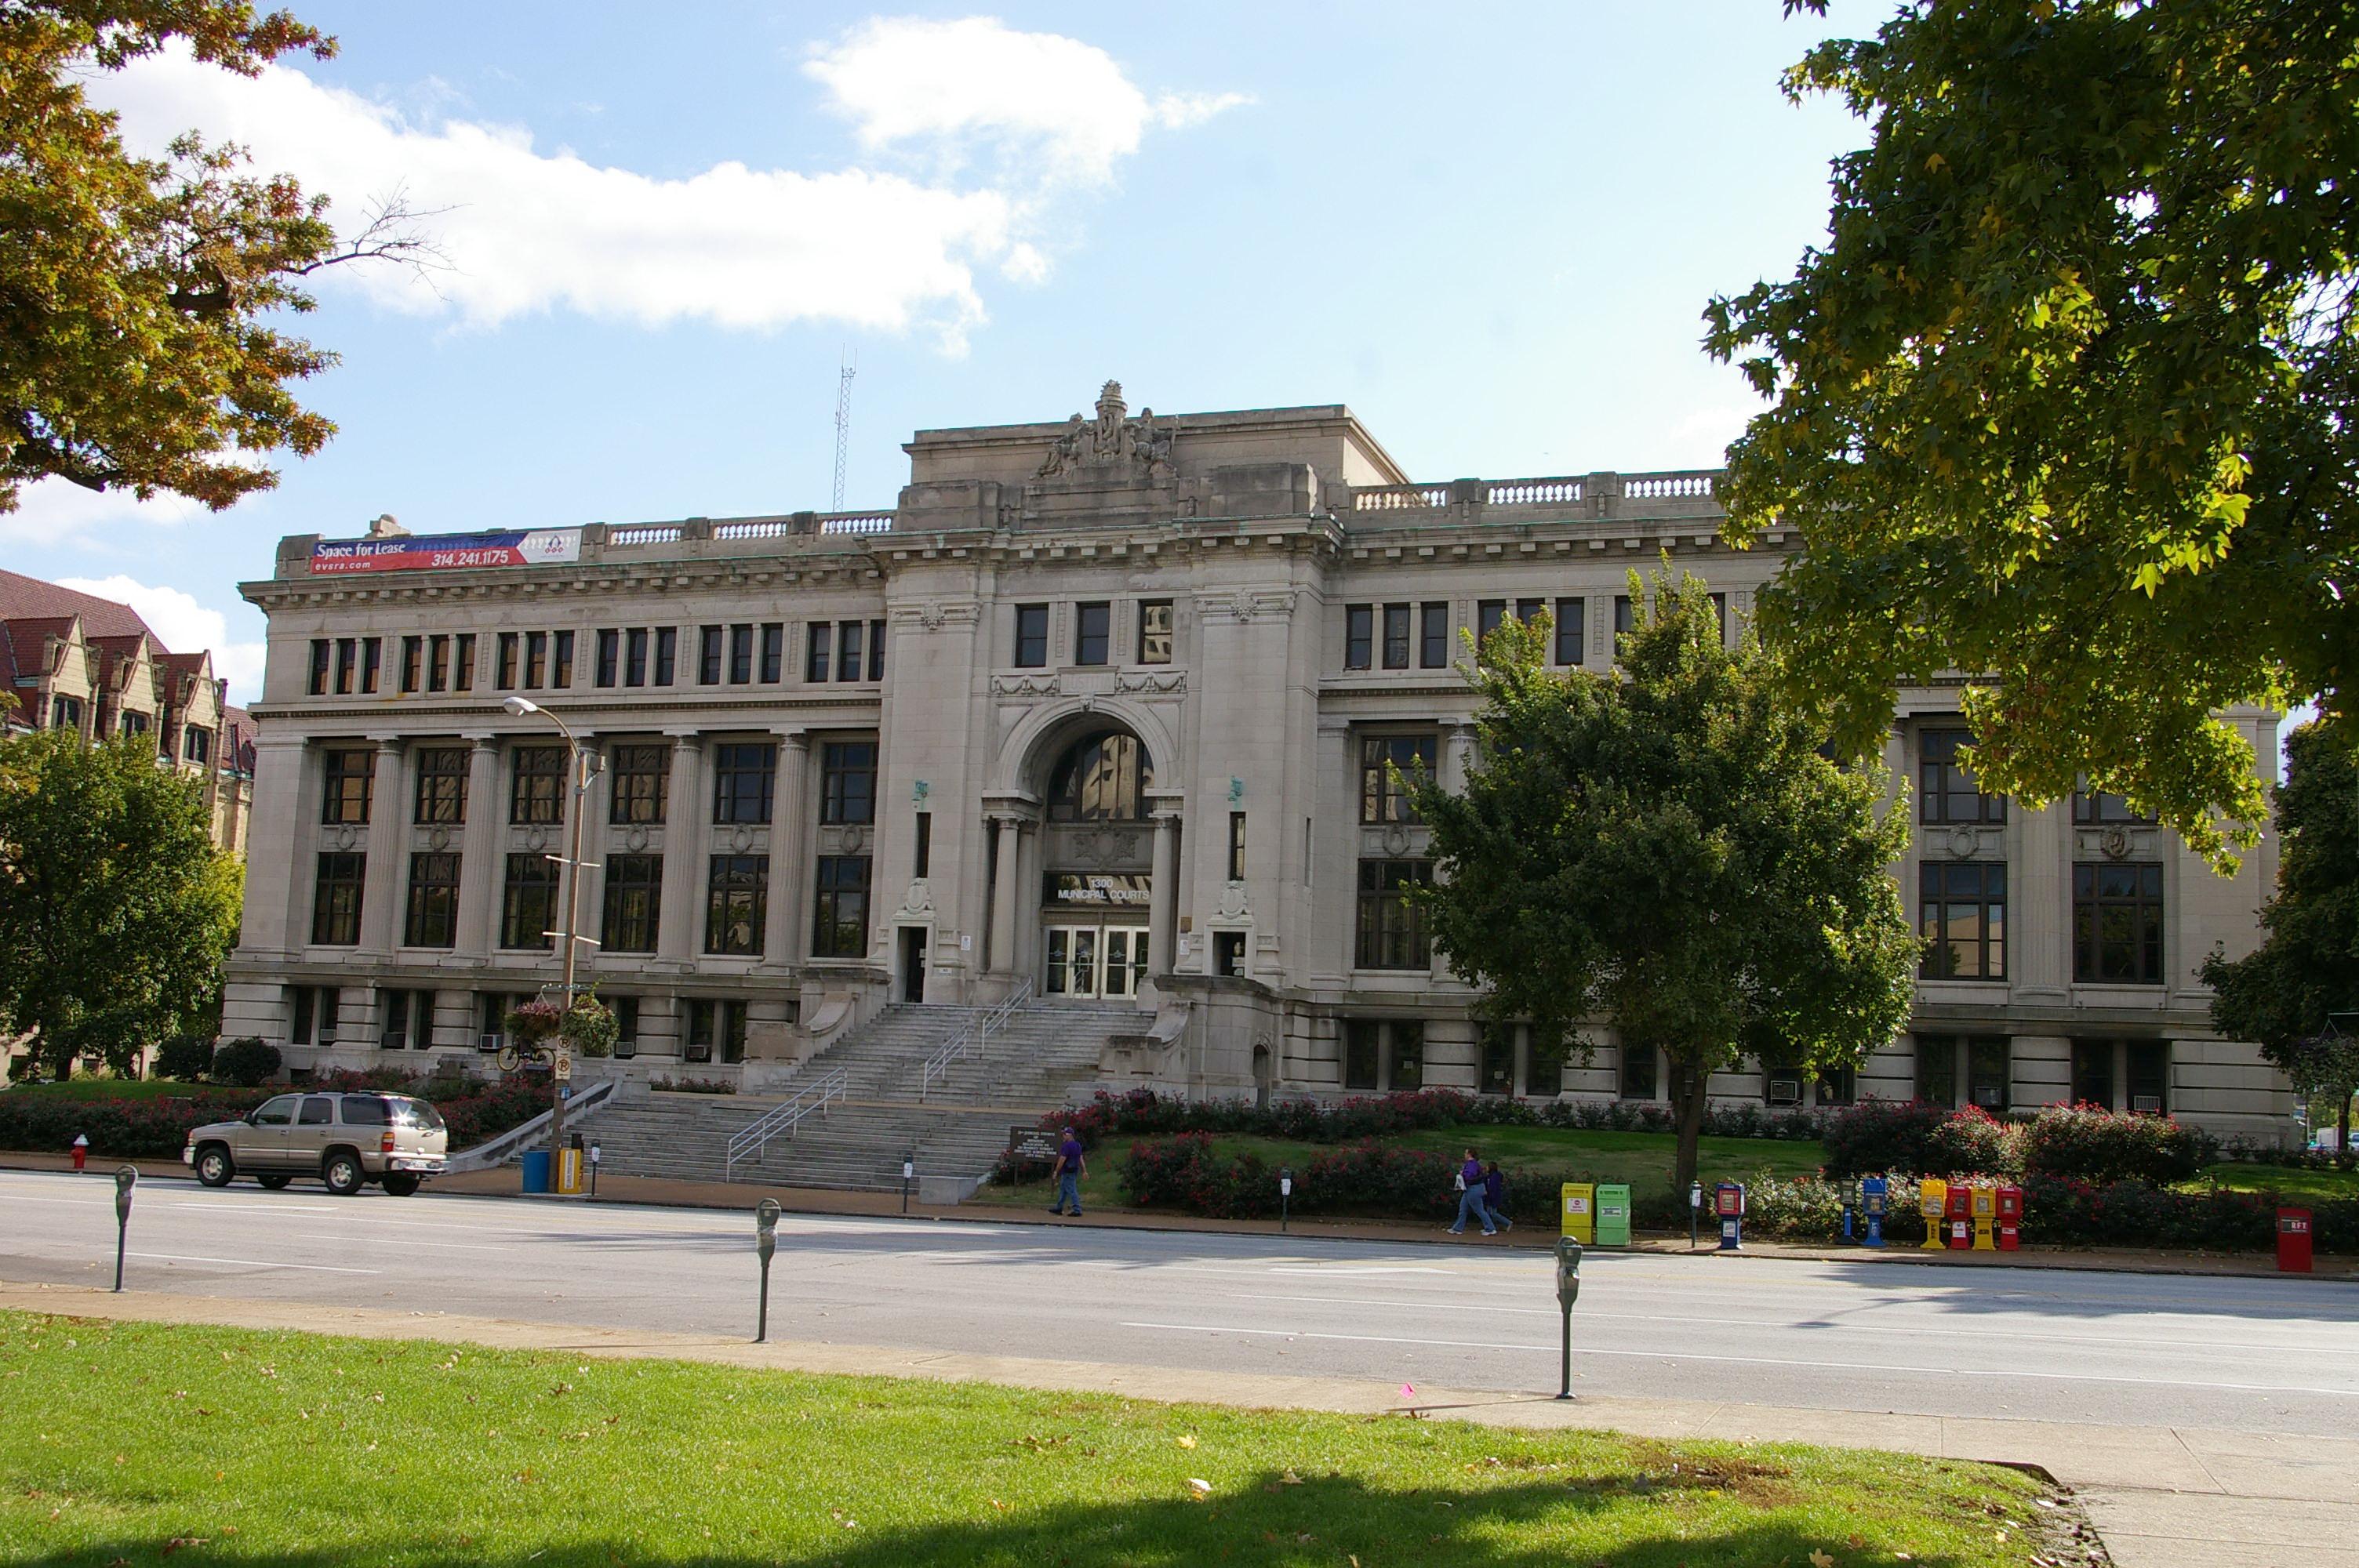 dự án trùng tu tòa án hội đồng thành phố